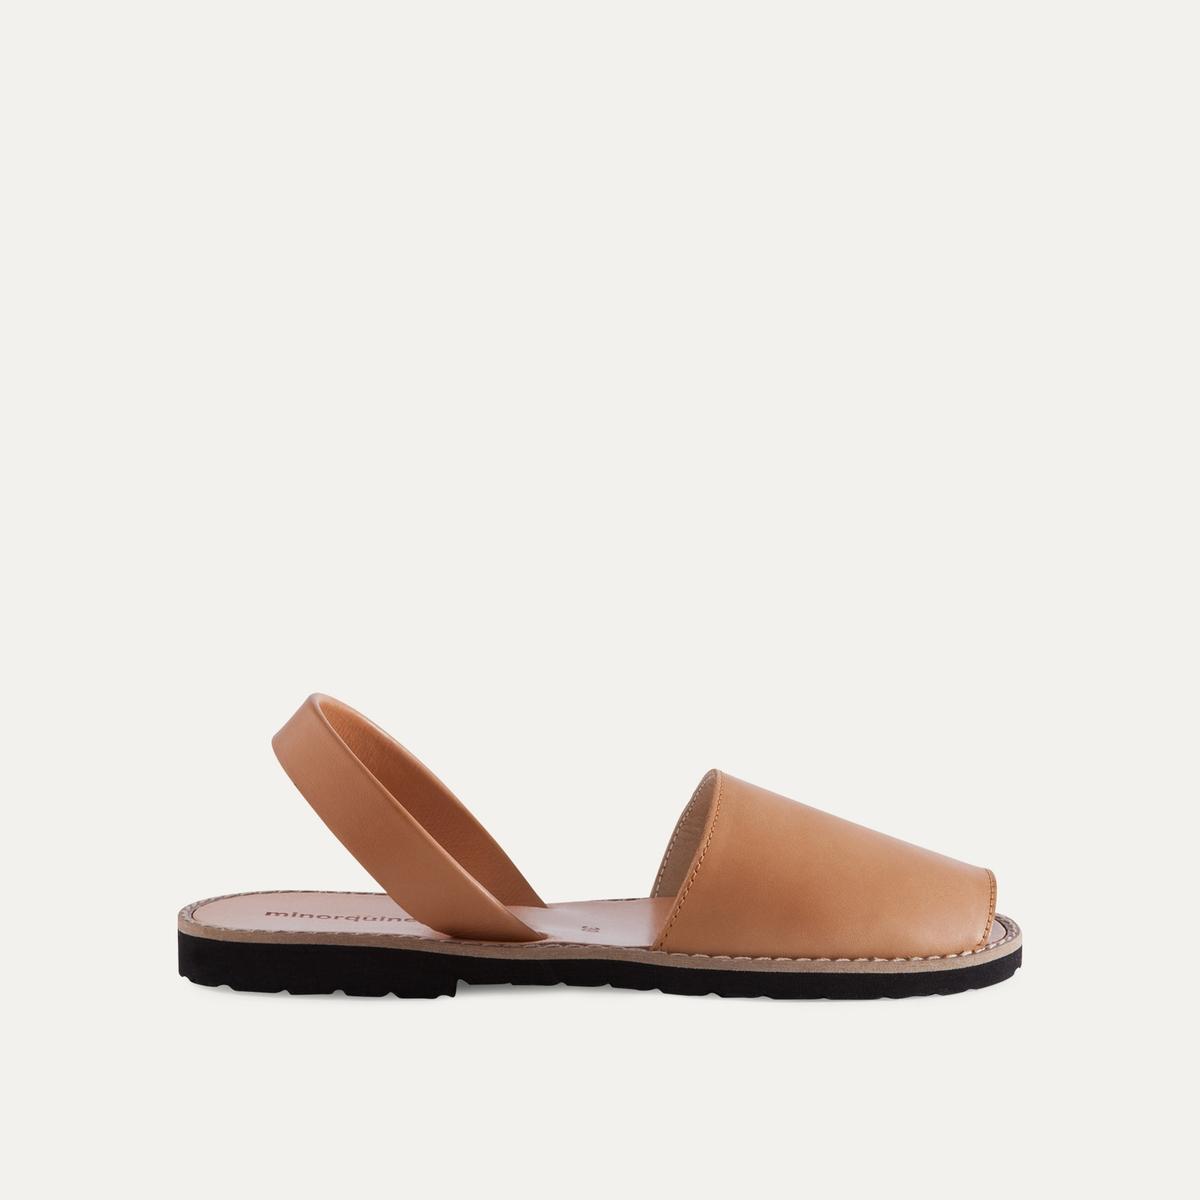 Босоножки кожаные на плоском каблуке AVARCA CUIR